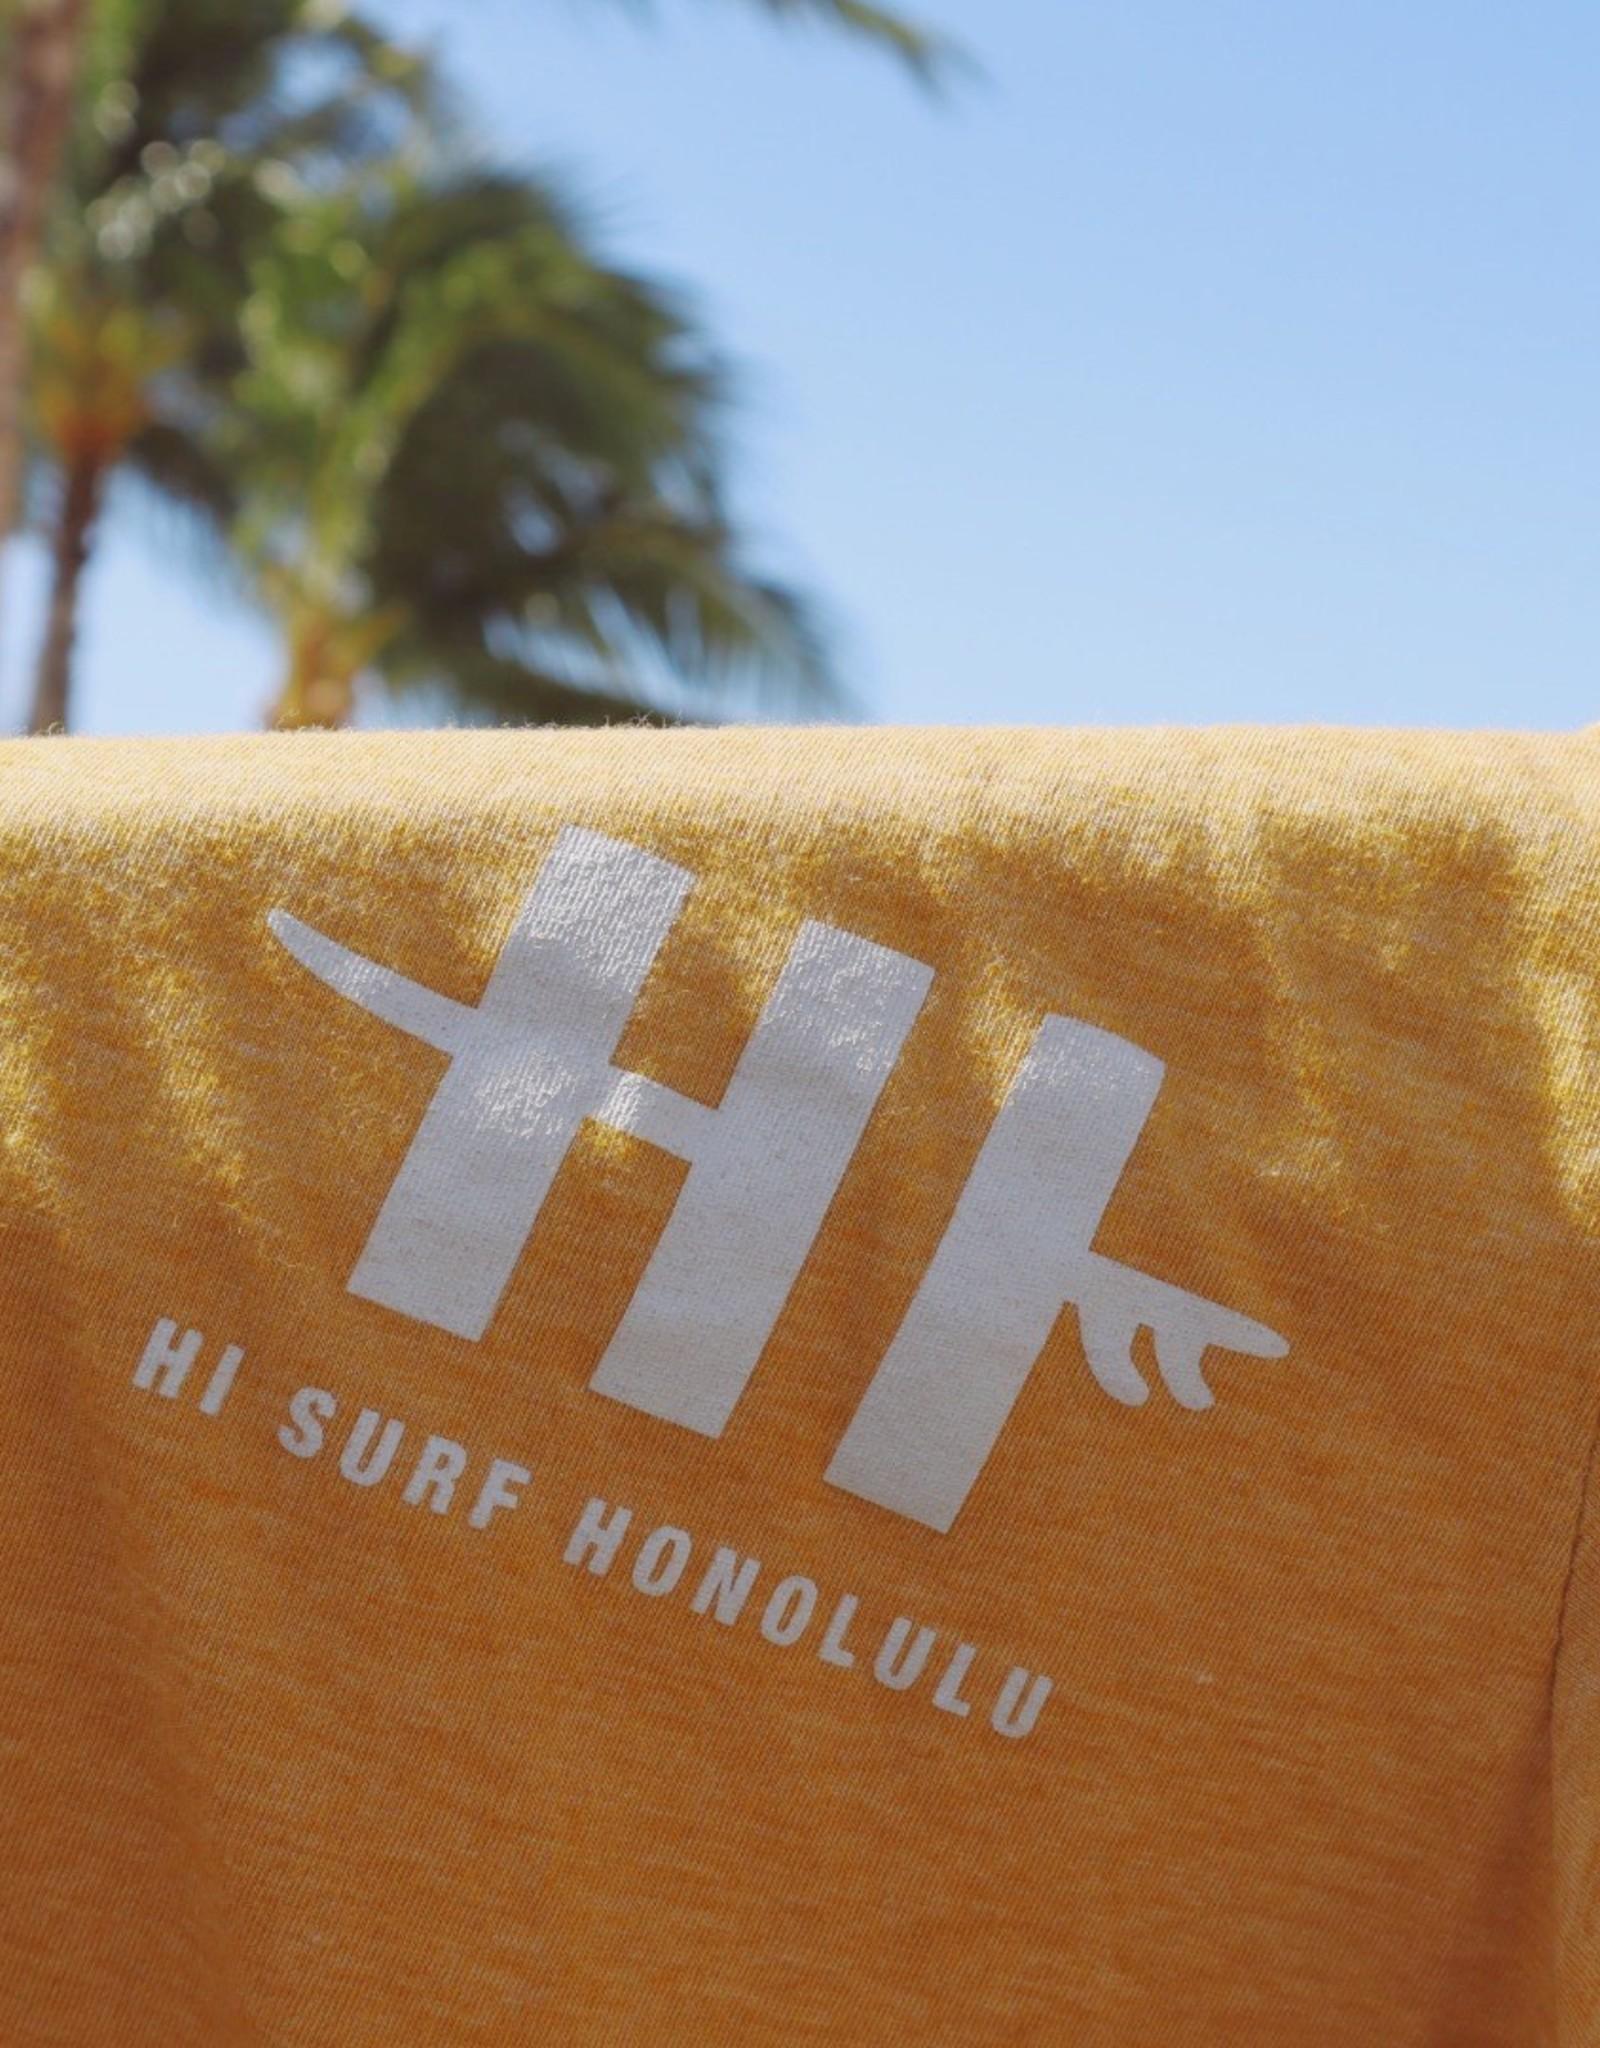 Hi Surf HI SURF HONOLULU Tee